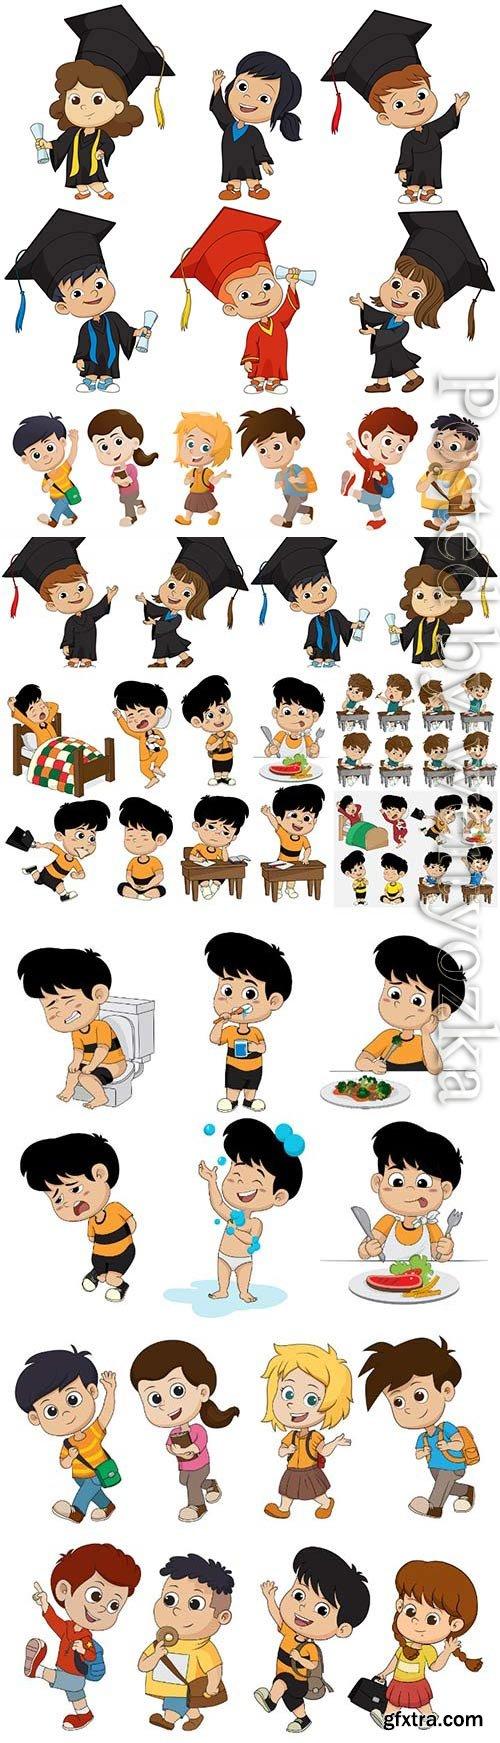 Funny cartoon kids in vector